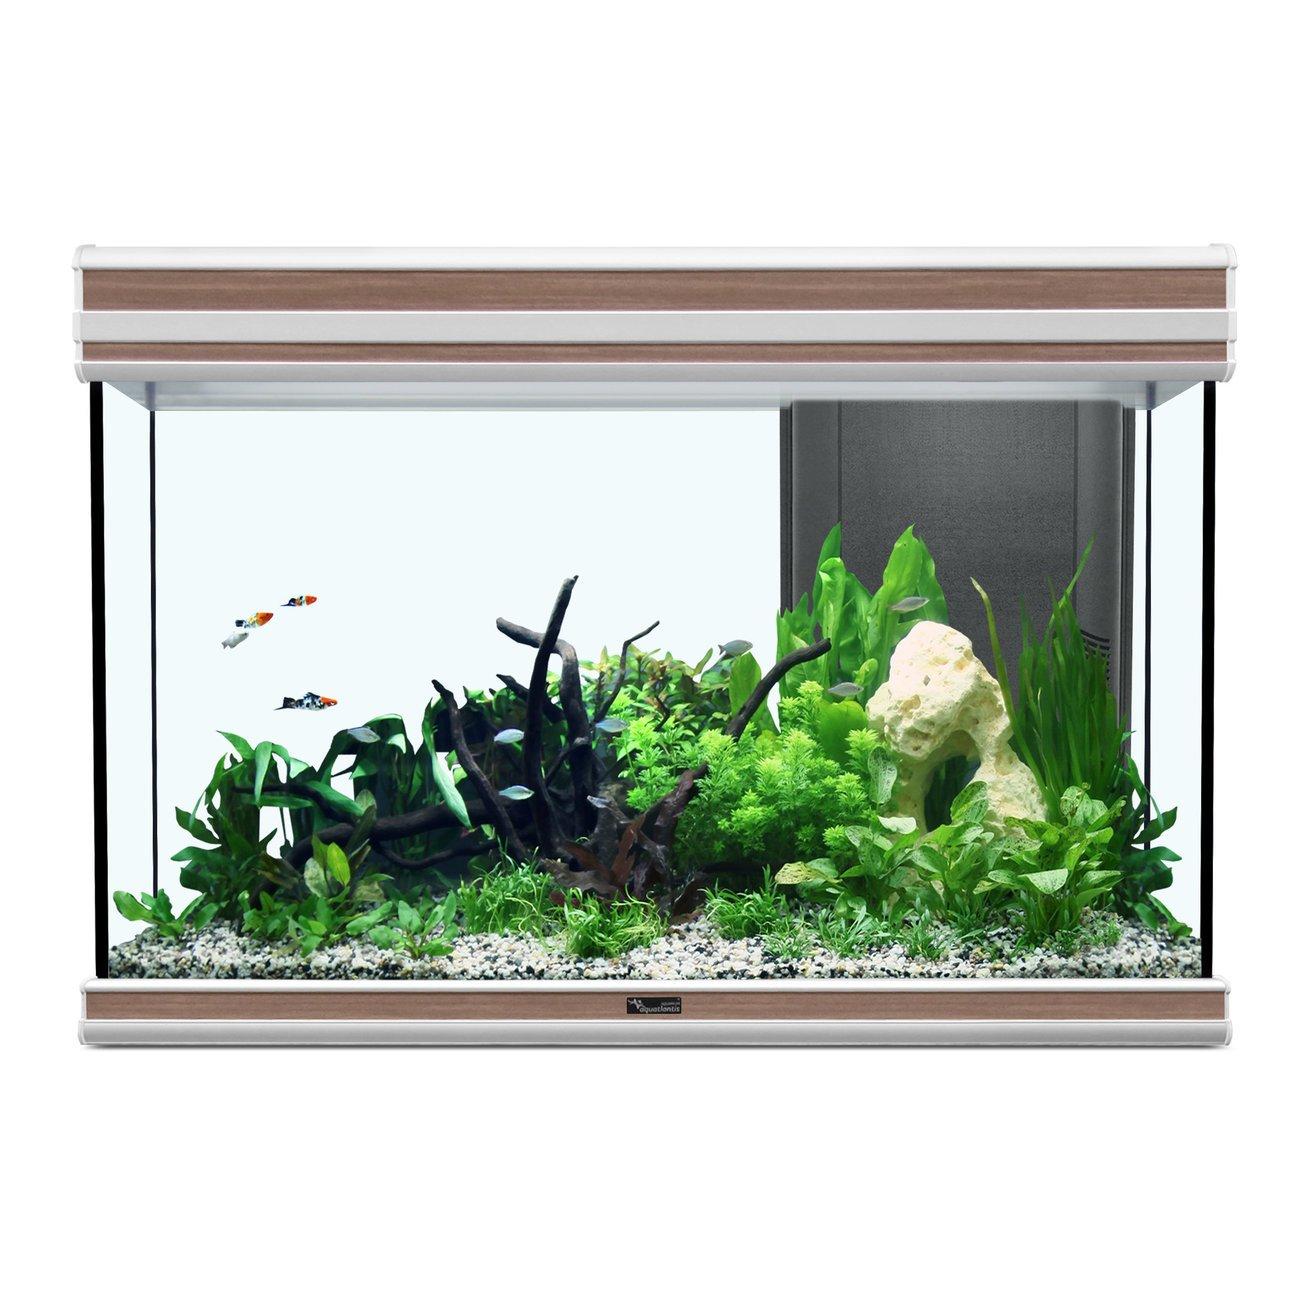 Aquatlantis Fusion 80 Aquarium, 80x40x55cm, 176L/137L, braun